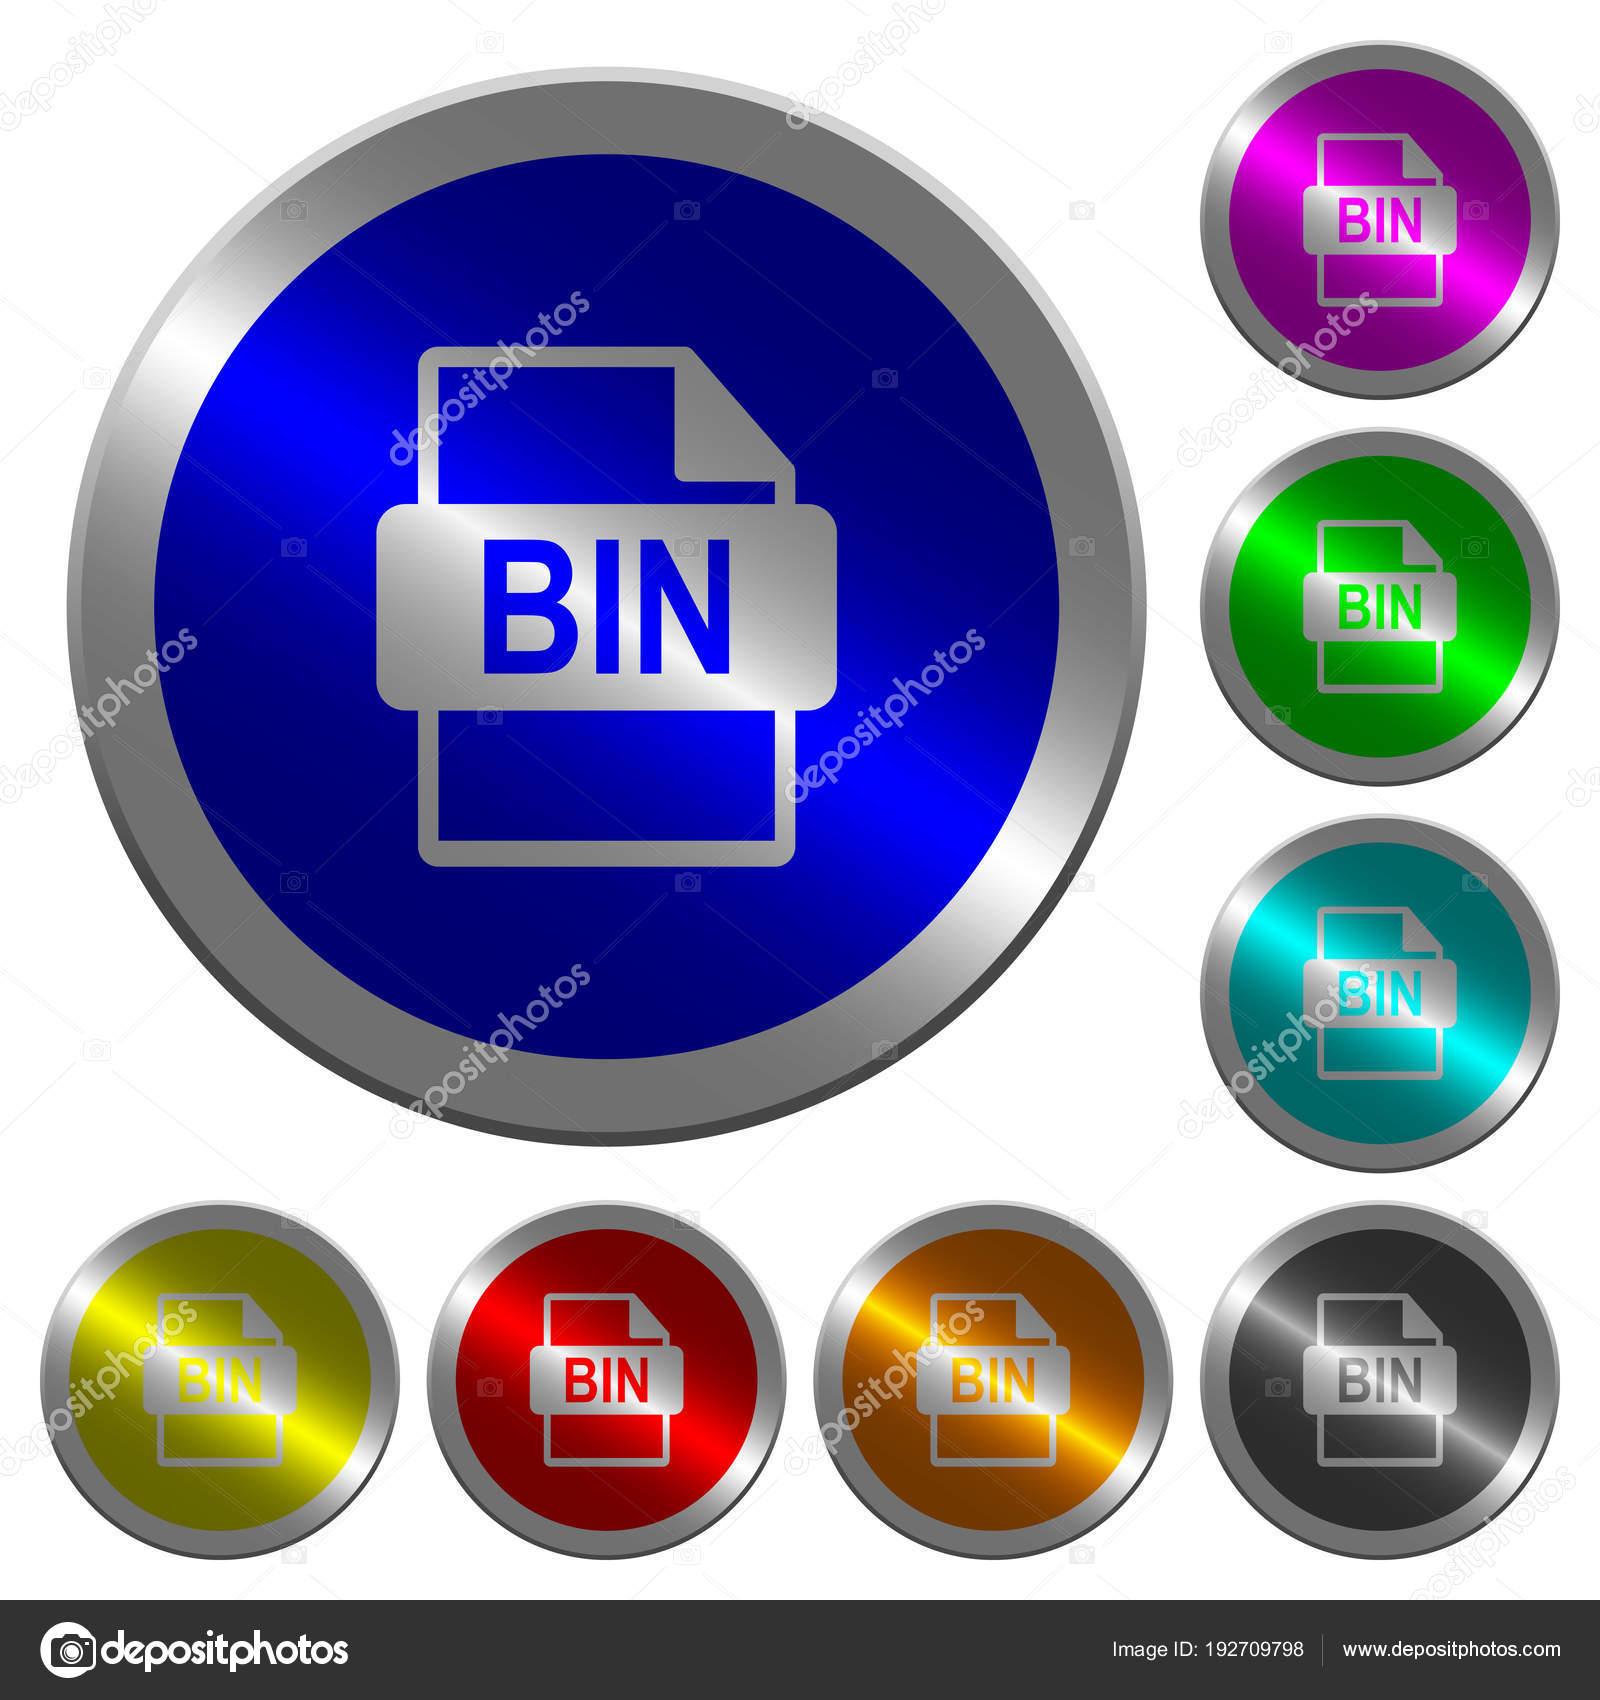 Bin файл скачать